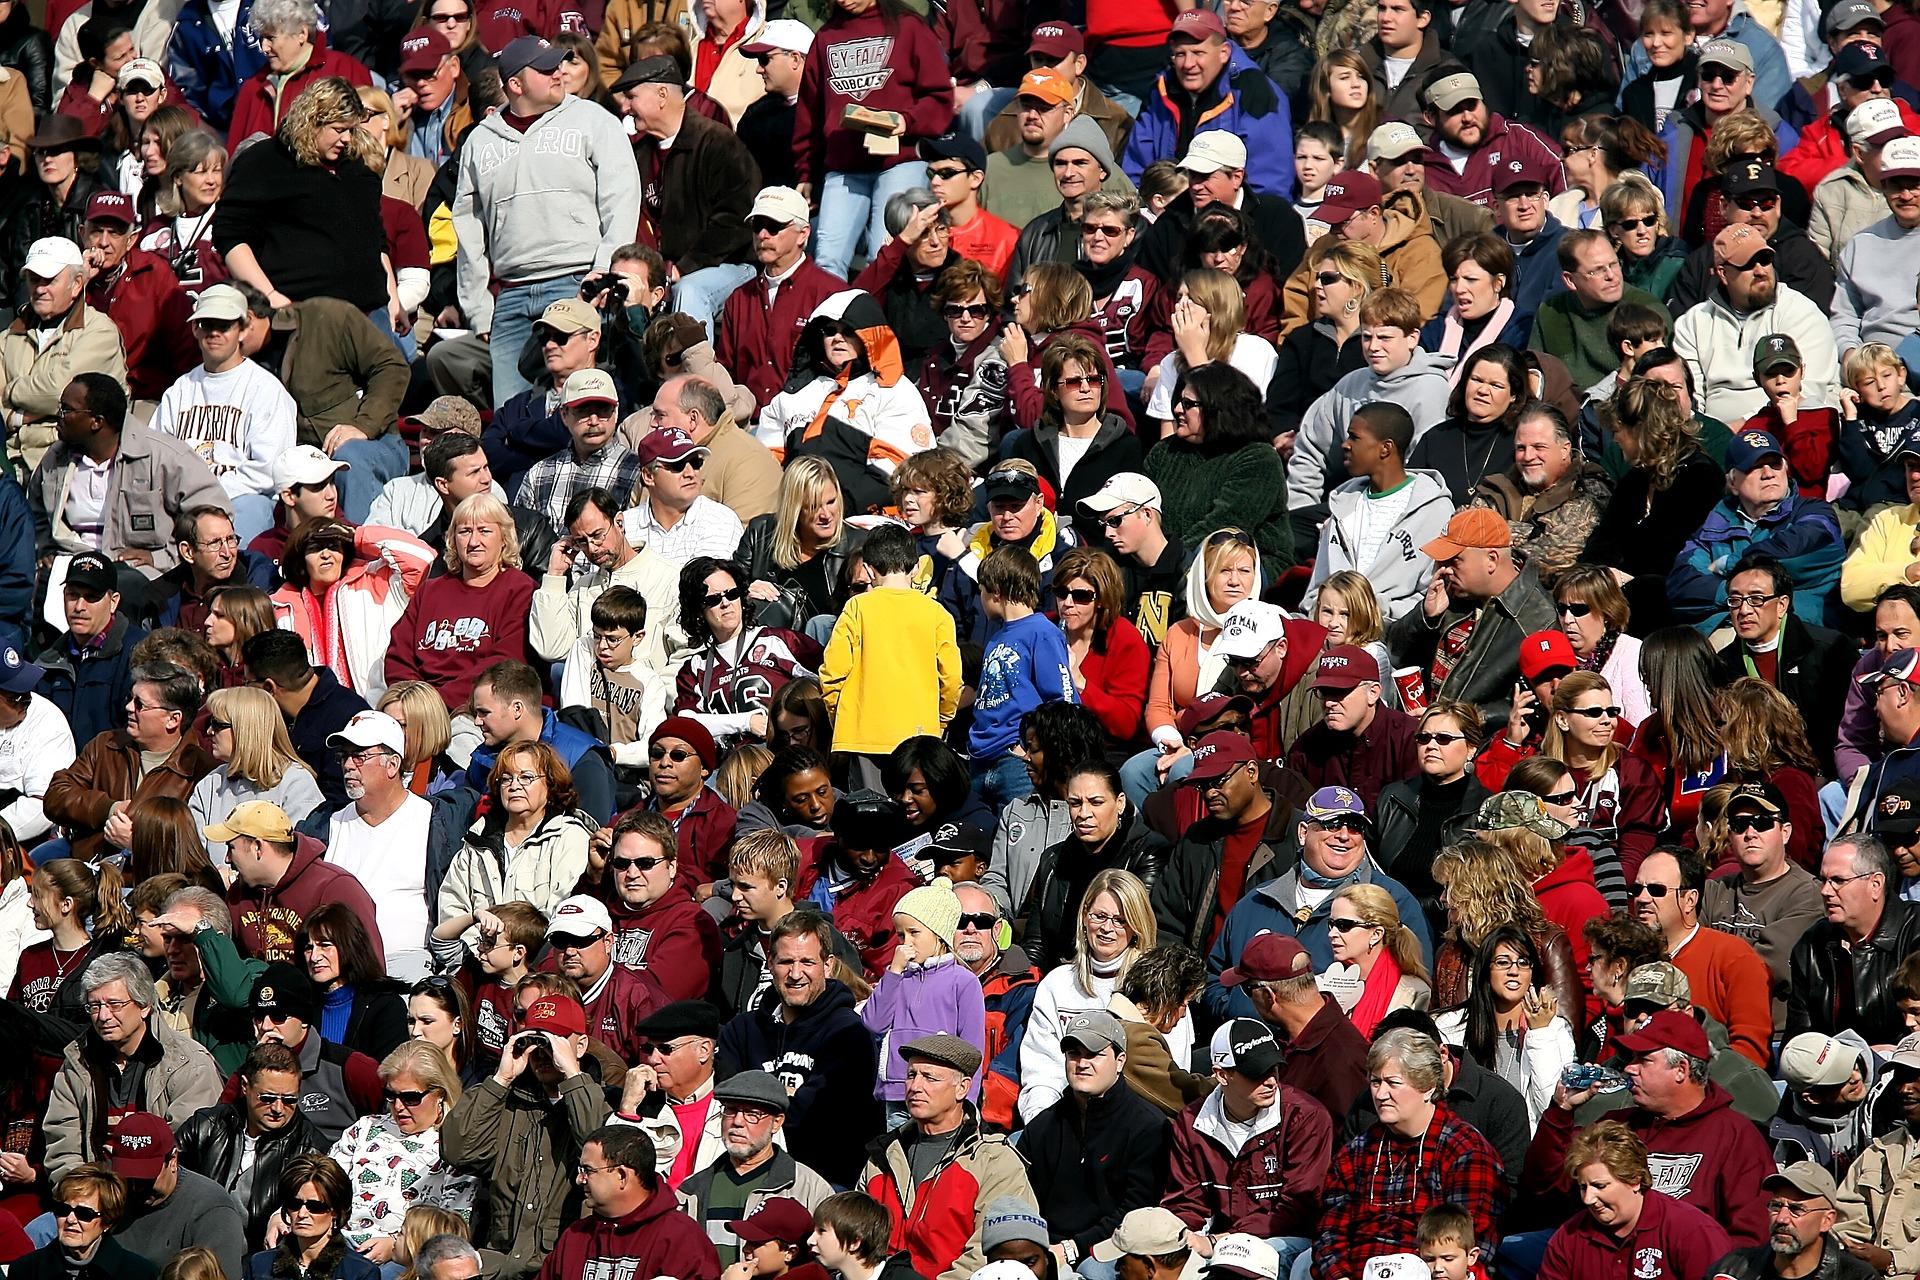 サッカーの観客